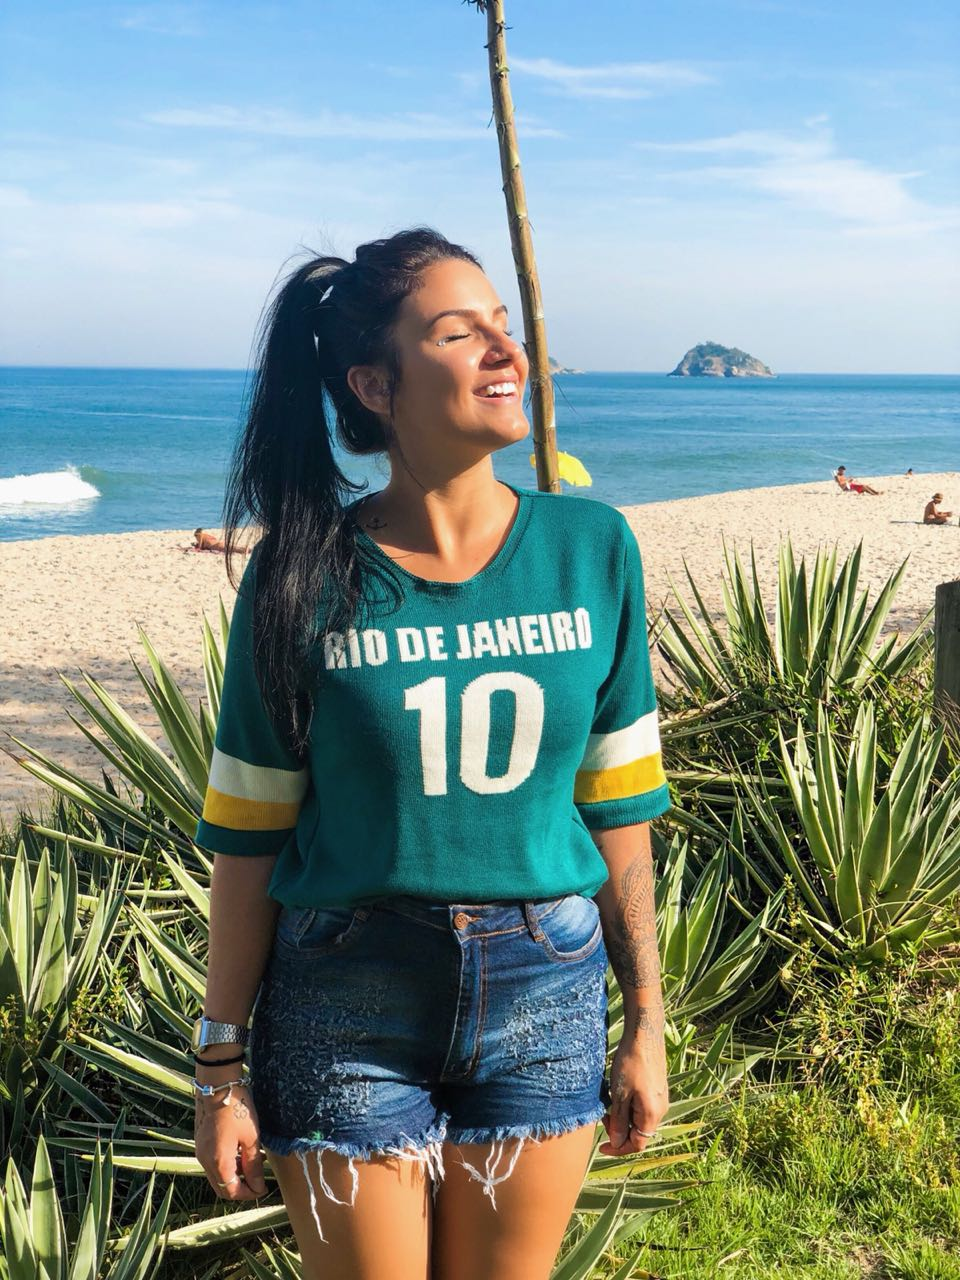 """TRICOT """"RIO DE JANEIRO 10"""" BRASIL"""